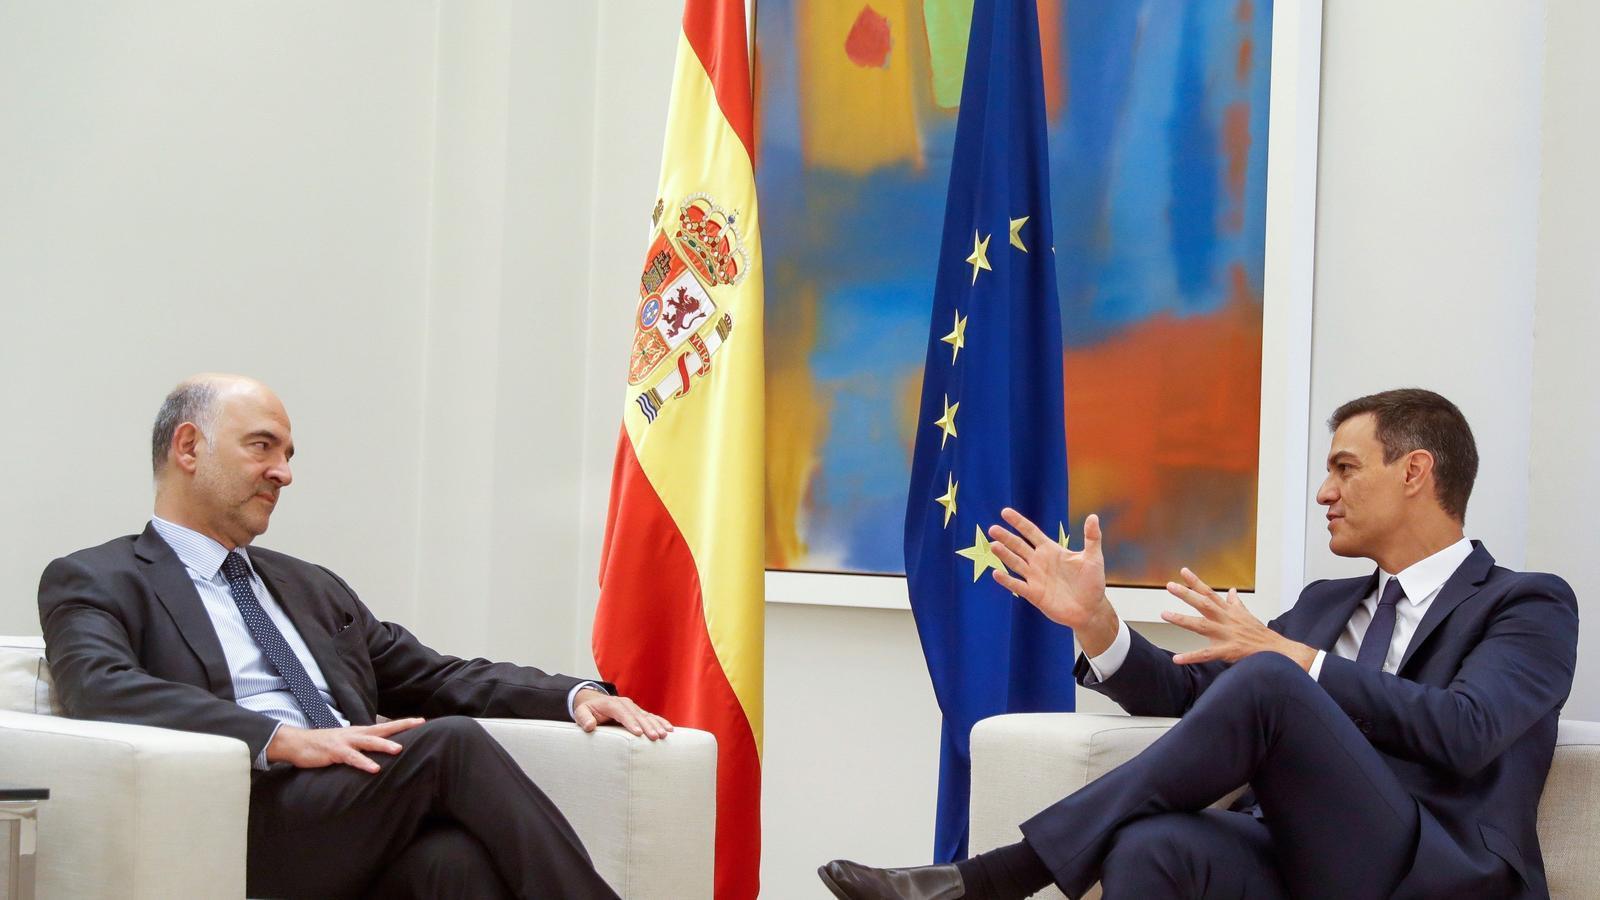 Brussel·les certifica l'alentiment econòmic i retalla amb força la previsió de creixement d'Espanya